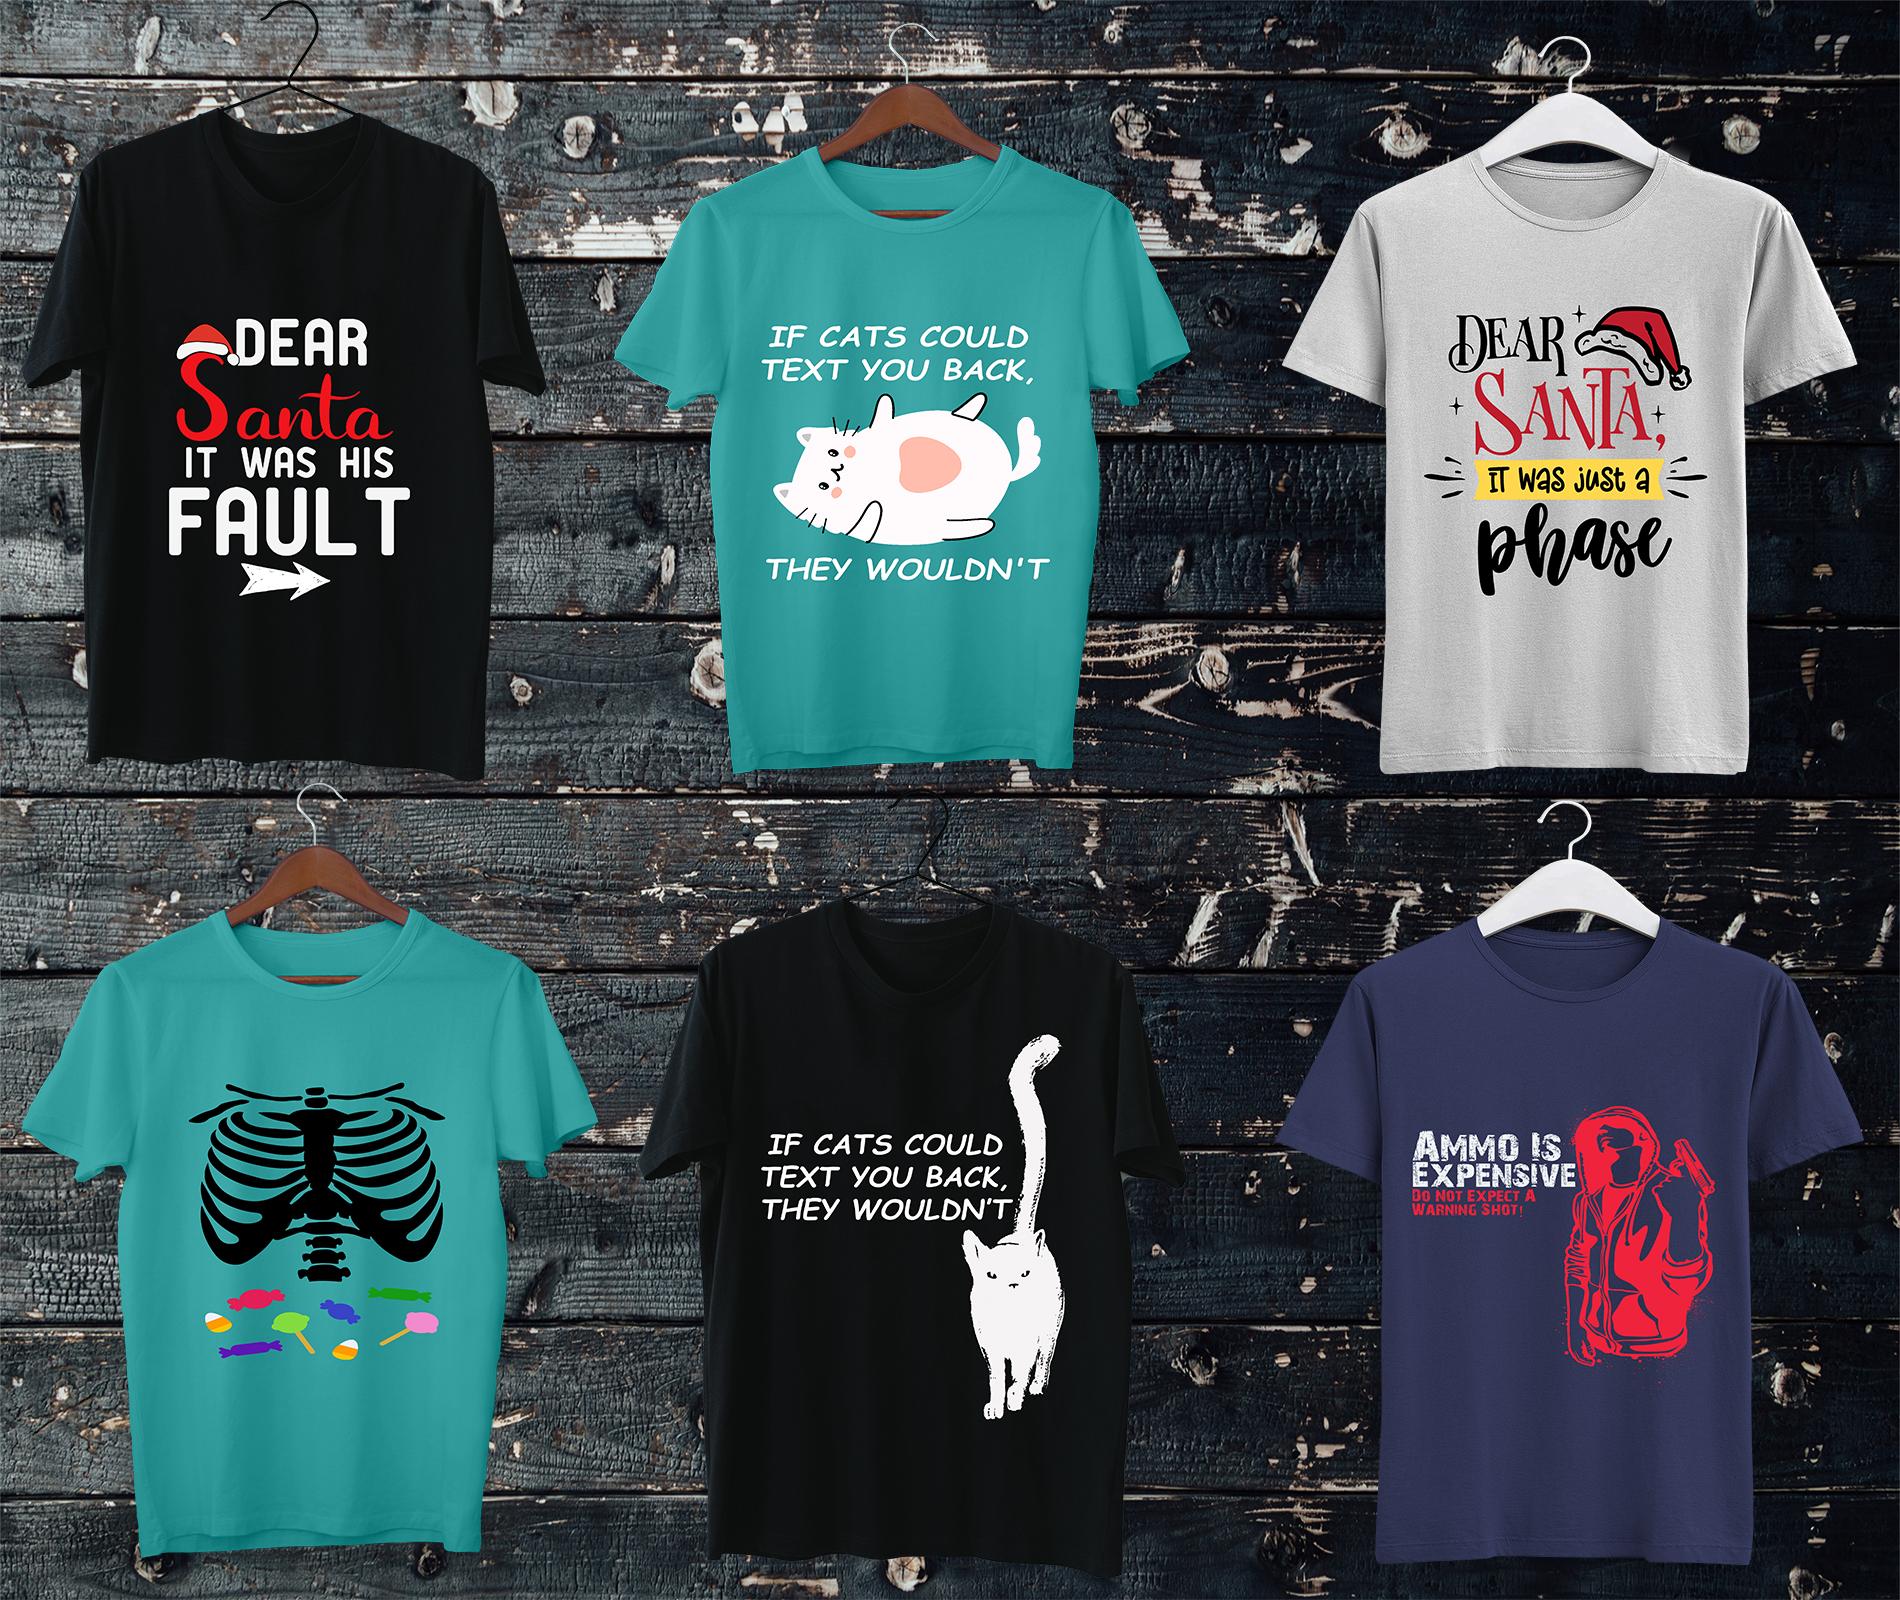 I will create 10 eye catching custom t shirt designs